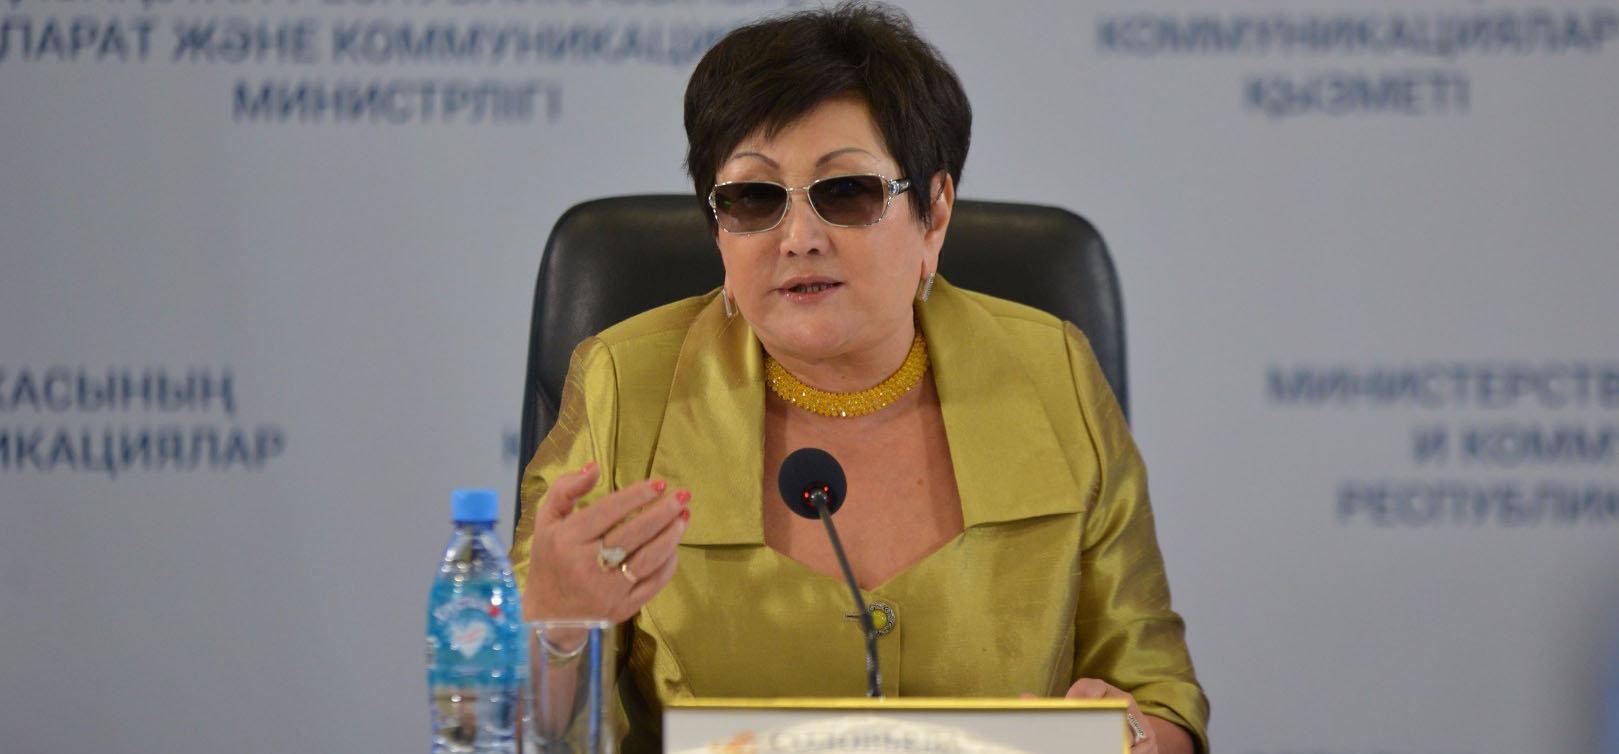 Айгуль Соловьева